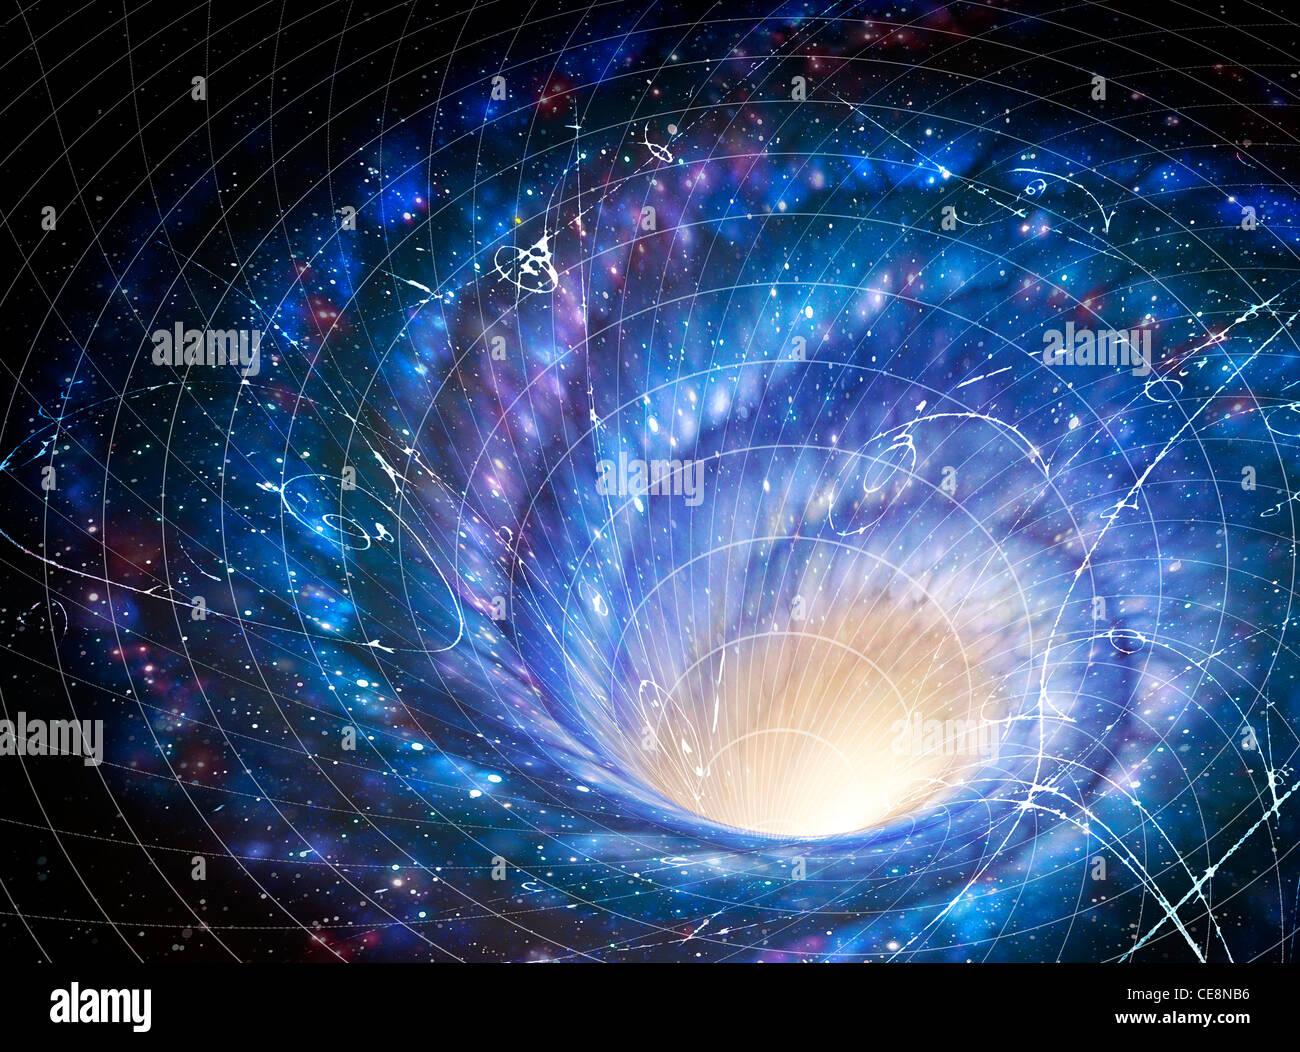 Ilustración que muestra la galaxia remolino gigante en el espacio del efecto de la galaxia en el espacio imagen Imagen De Stock